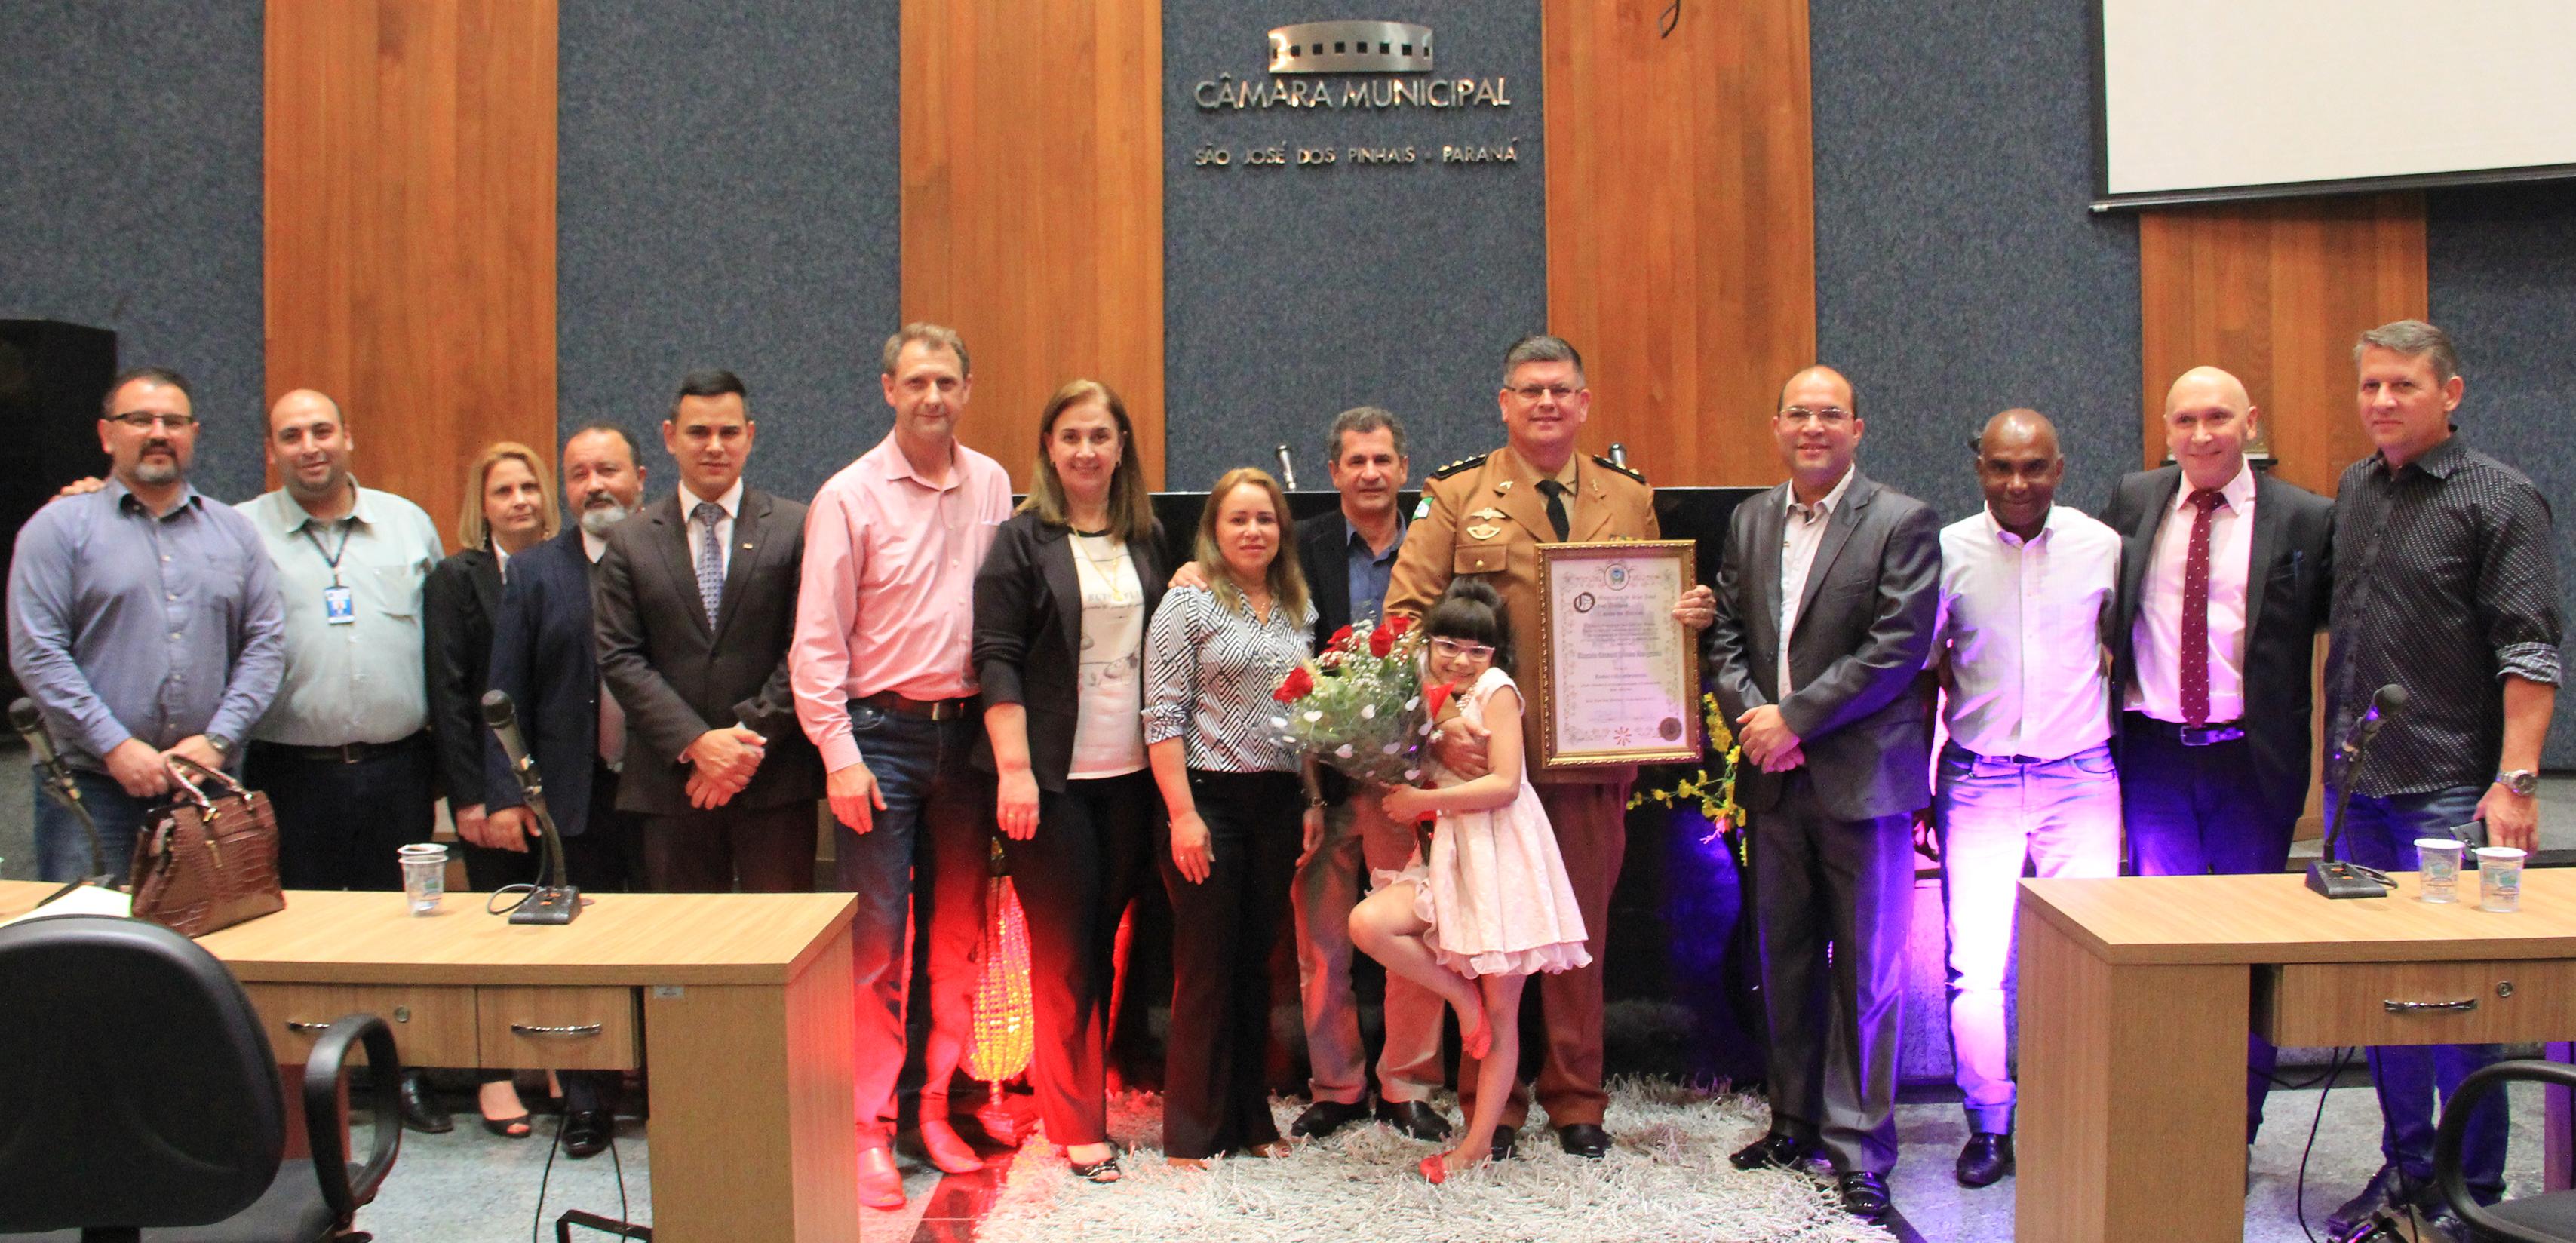 Comandante do 17º Batalhão de Polícia Militar é homenageado pela Câmara Municipal